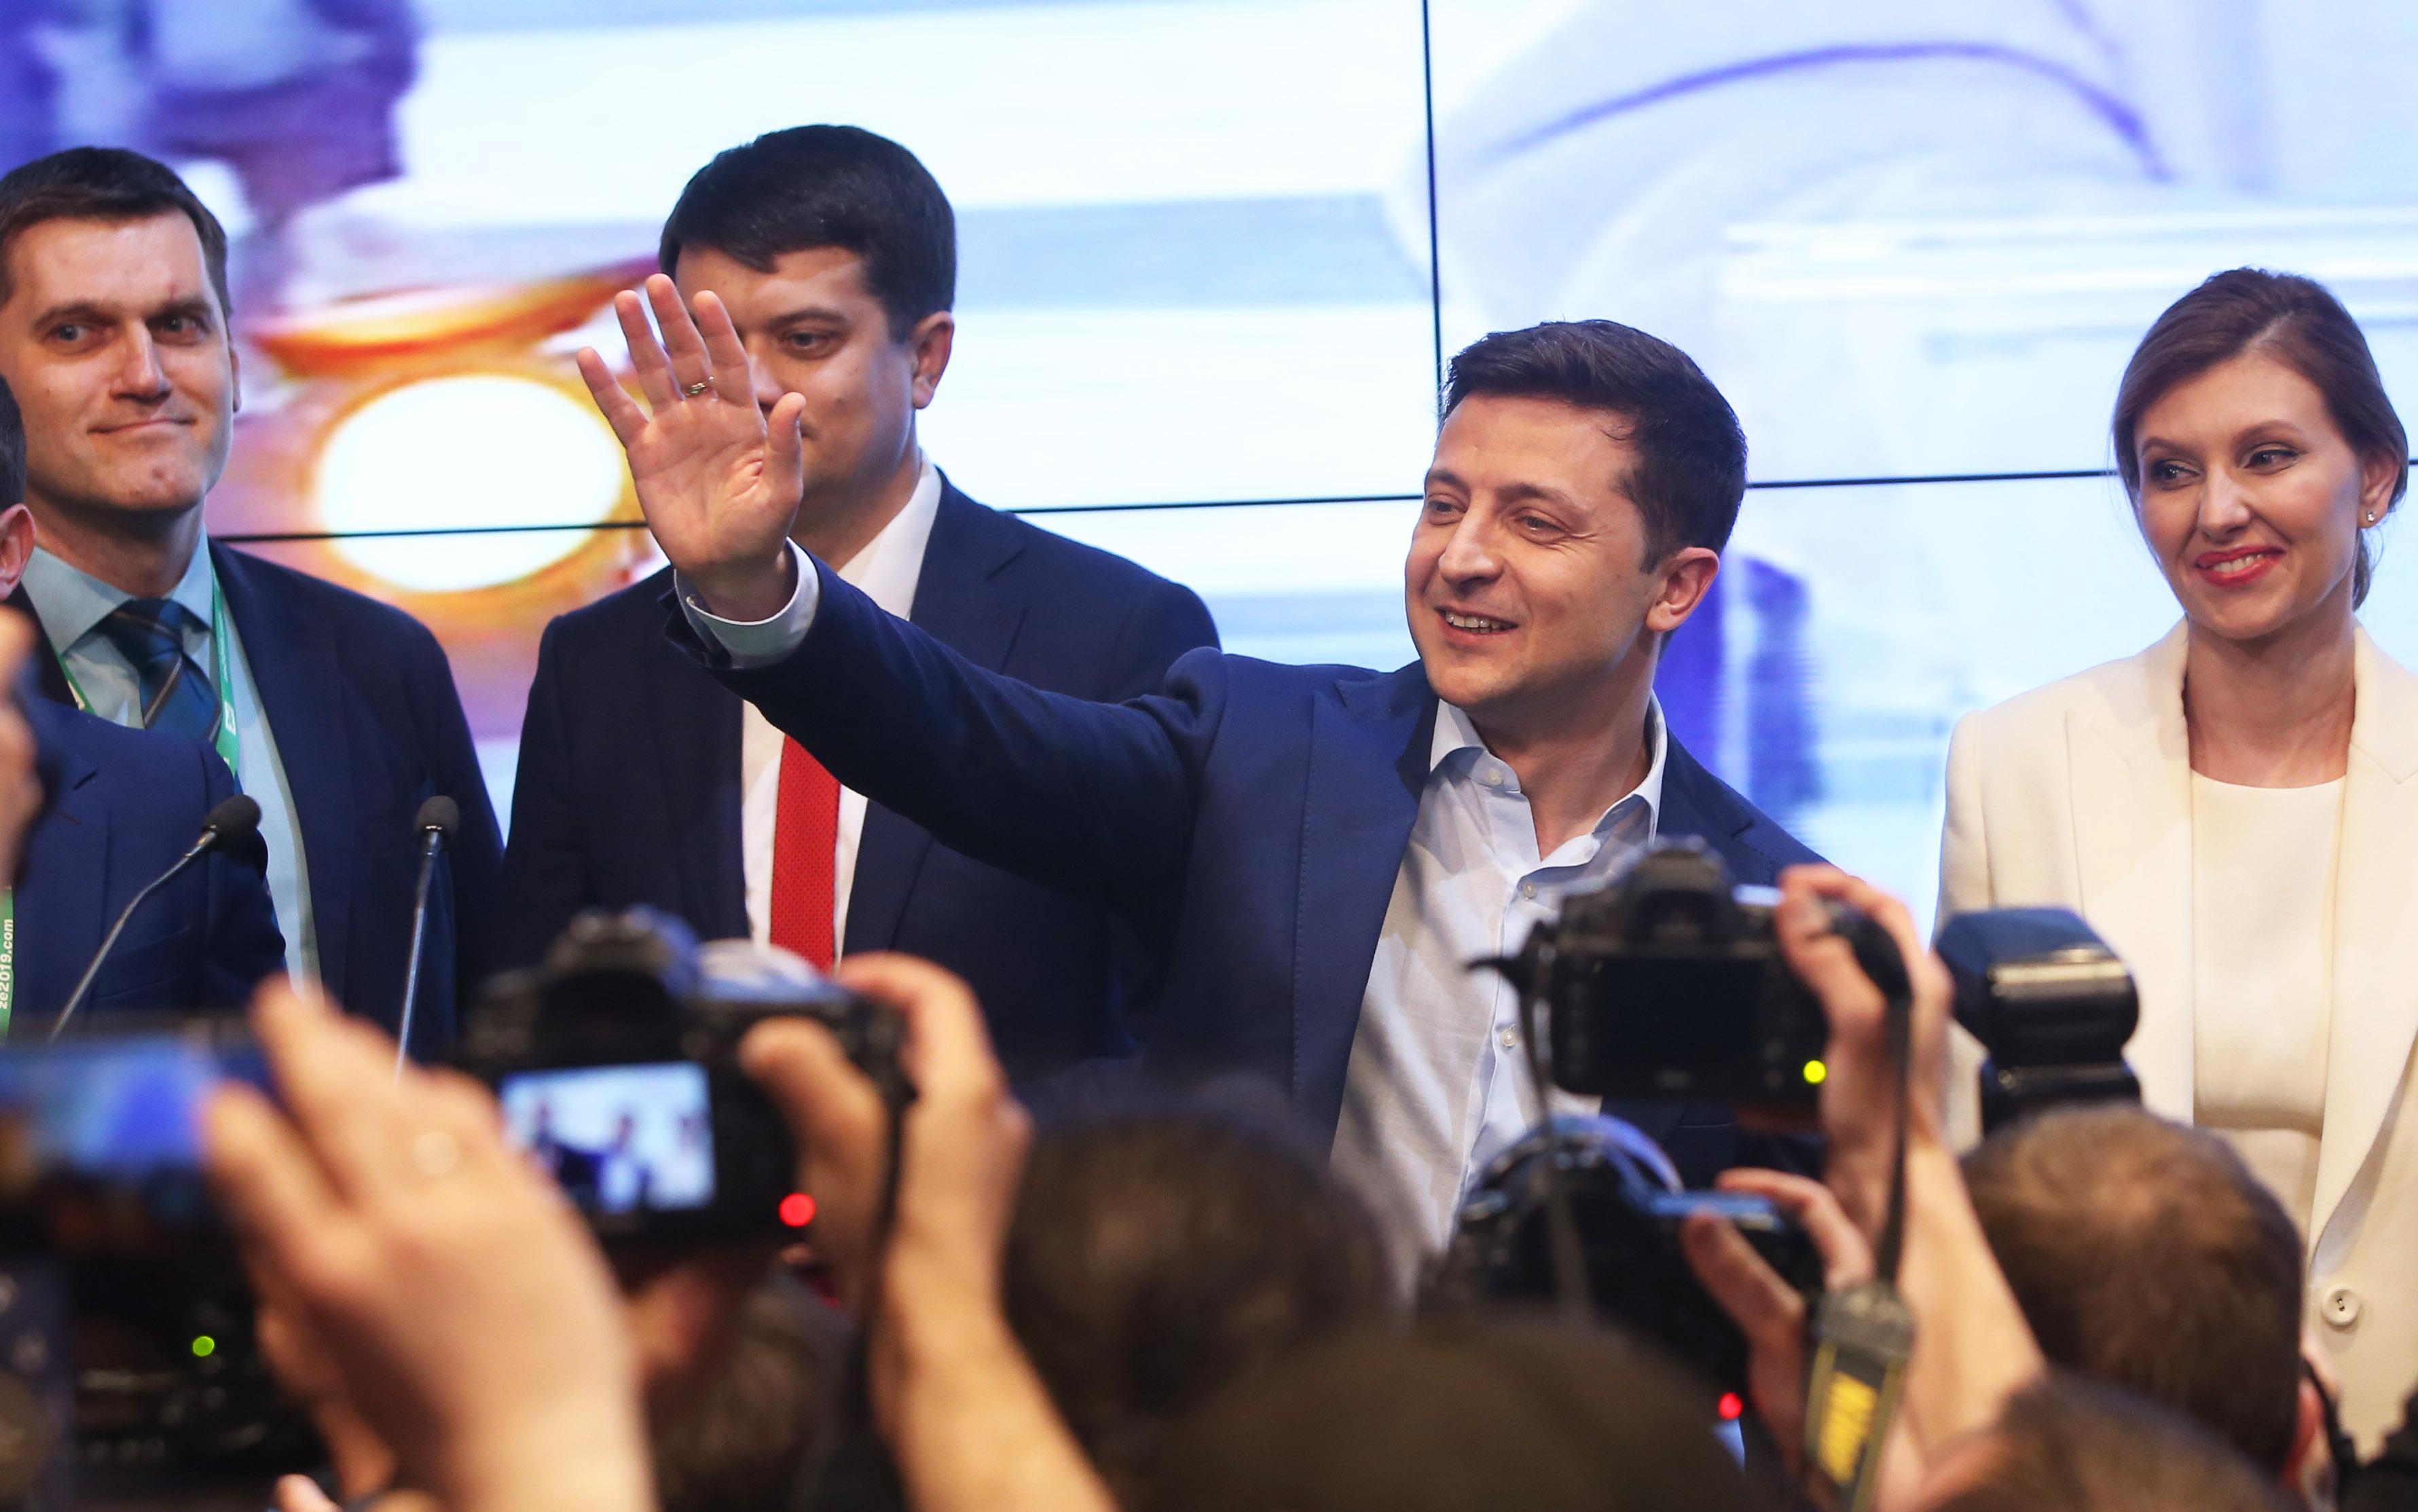 (国际)(2)出口民调显示泽连斯基在乌克(2555511)-20190422234137.JPG